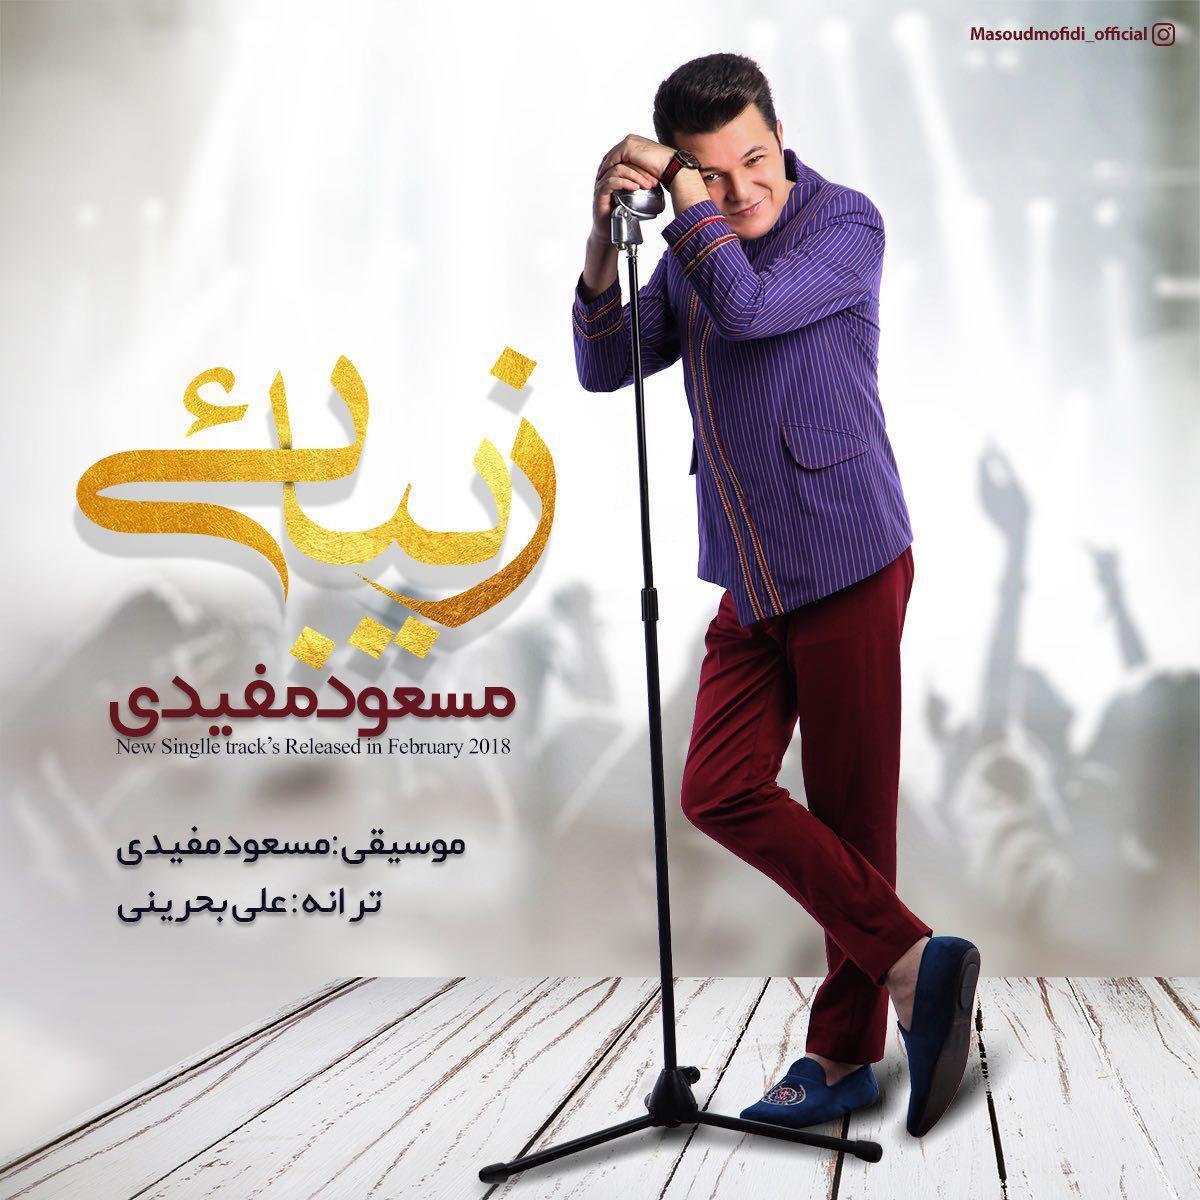 """دانلود آهنگ جدید هنرمند ترکمن، مسعود مفیدی با عنوان """"زیبائی"""""""